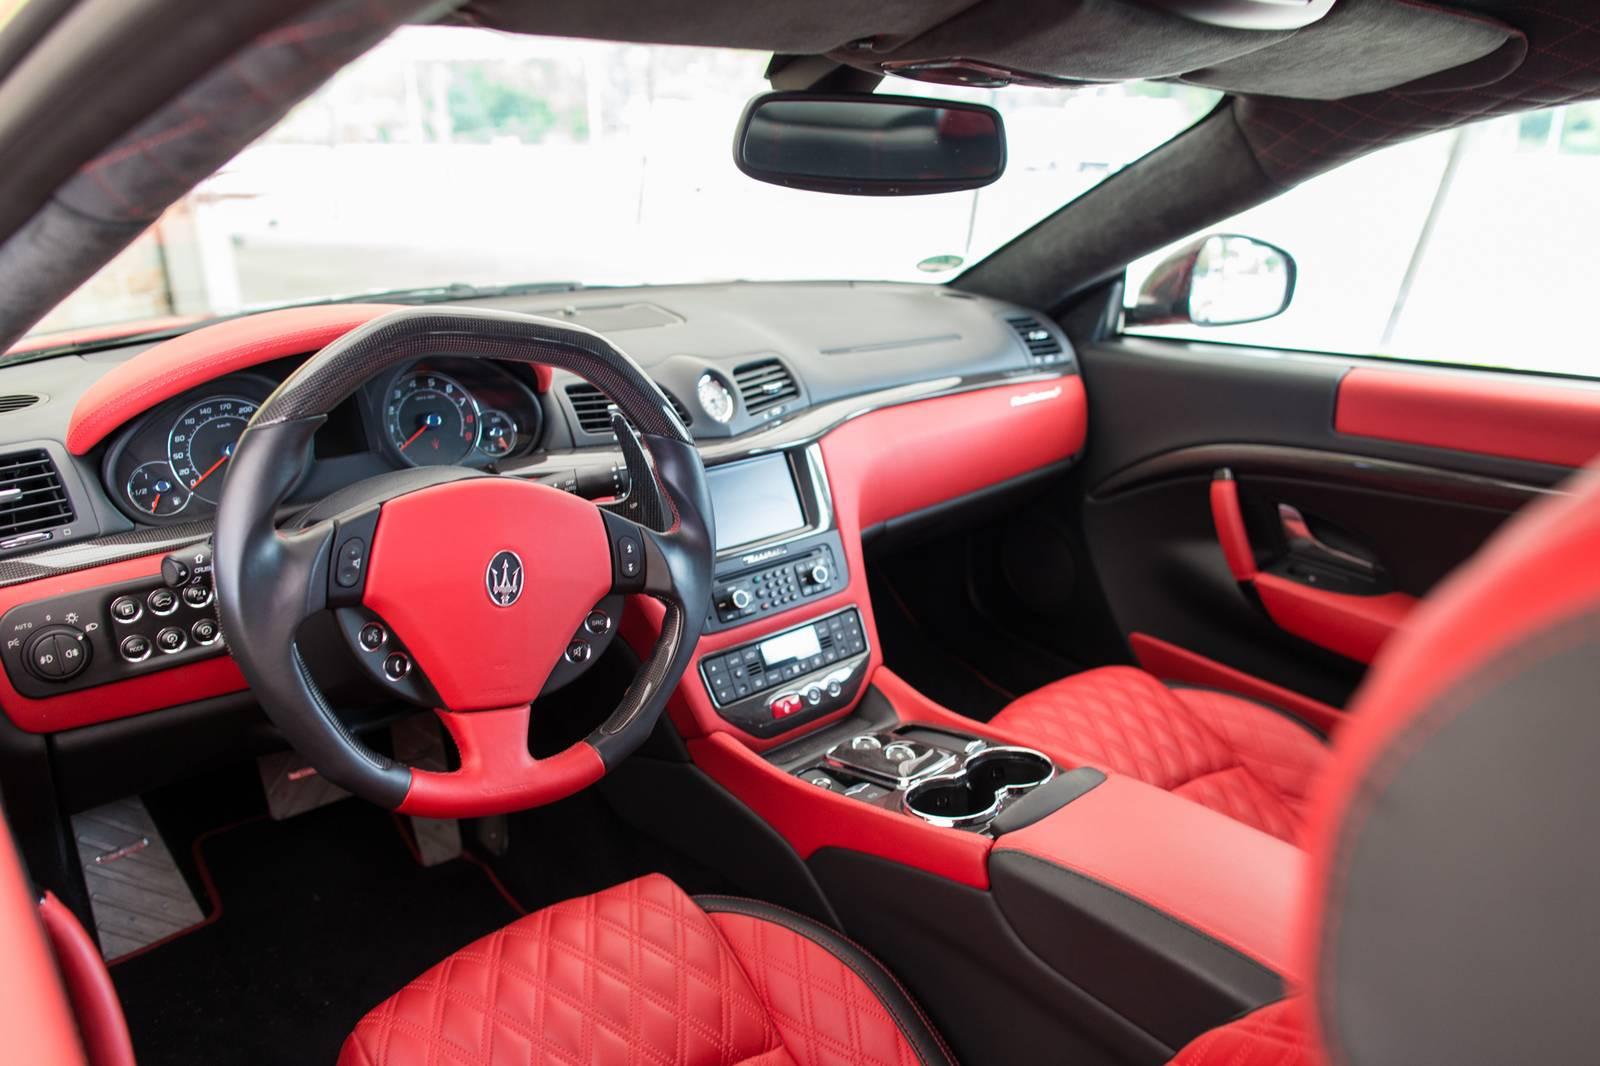 Mansory maserati granturismo s rosso mondiale review for Maserati granturismo s interieur